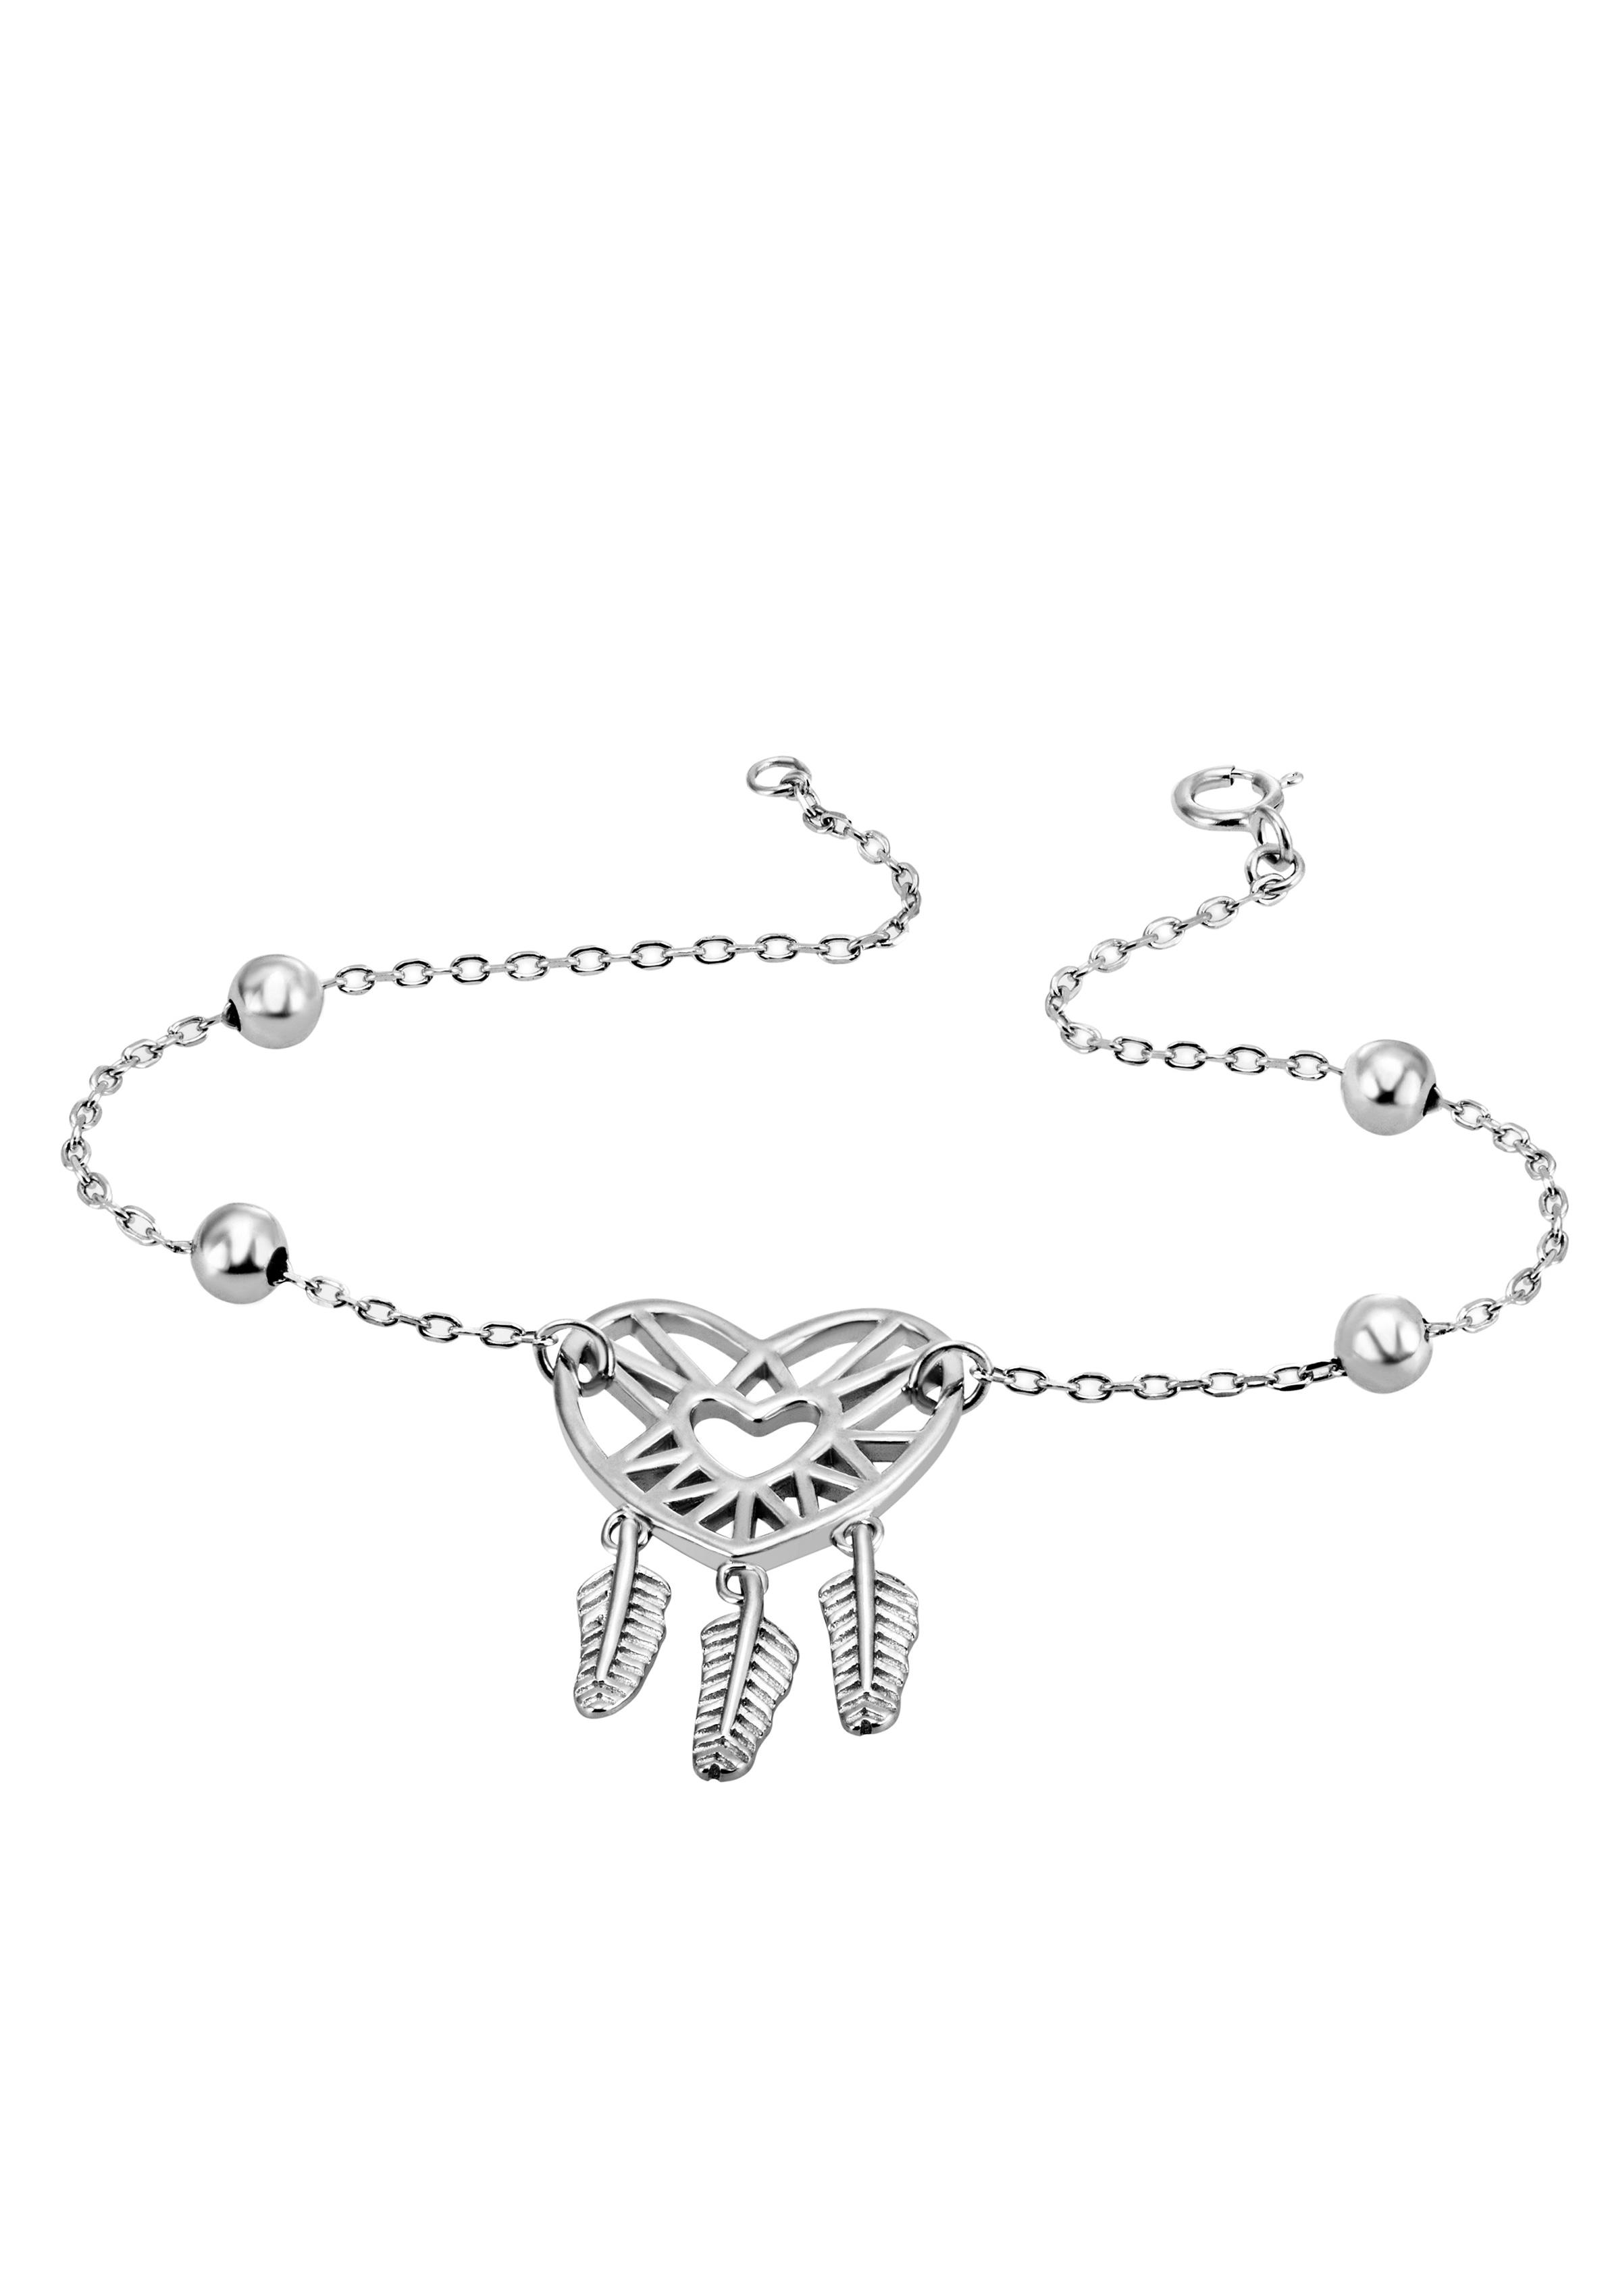 Firetti Armkette Herz mit Federn, rhodiniert, mit Zirkonia günstig online kaufen